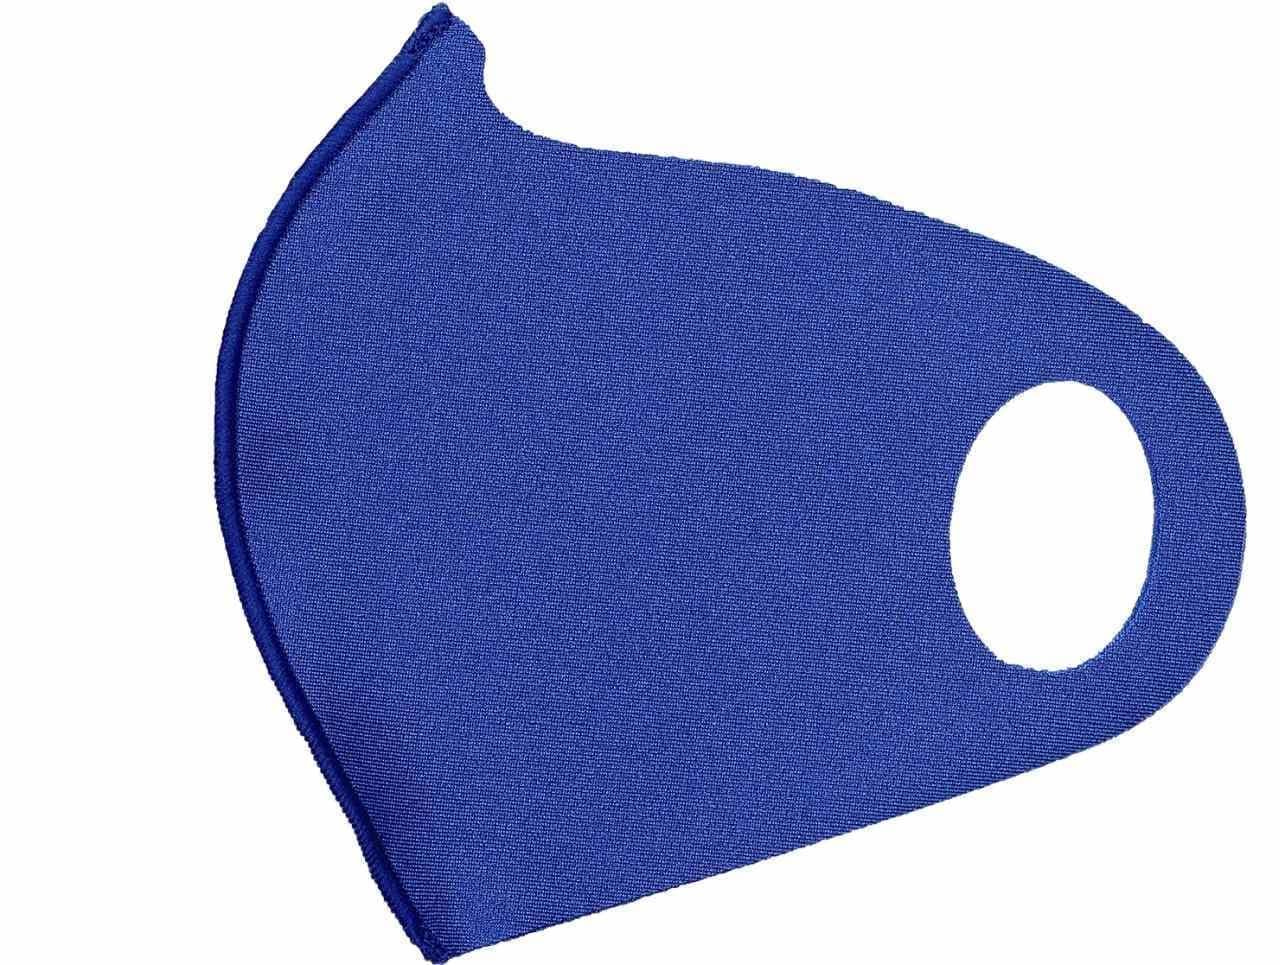 不織布マスクの8倍の通気性!スポーツマスク「mamoRUNtoKIDS」に子どもサイズの「mamoRUNtoKIDS」